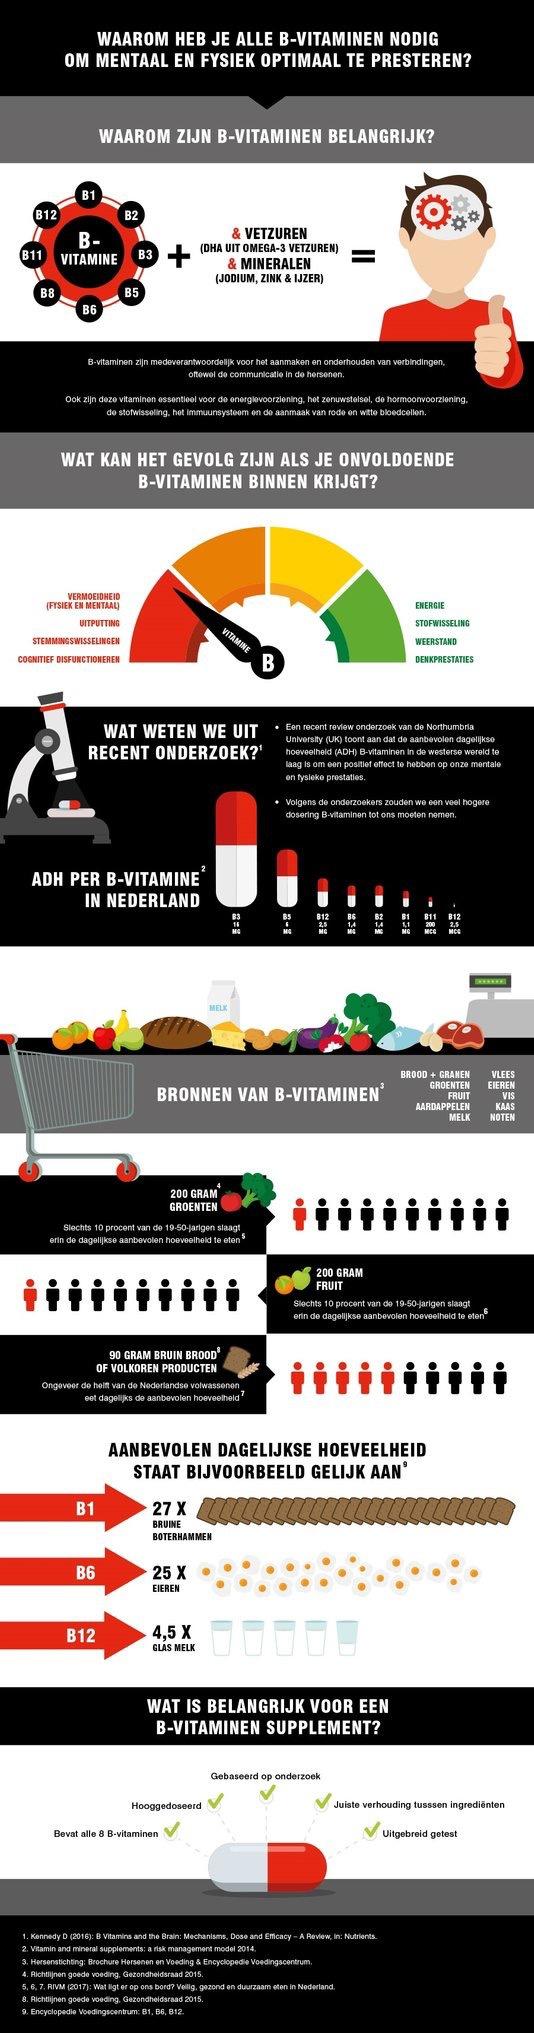 images.weserv.nl  - Geen energie, een slechte concentratie en vermoeidheid.. Krijg jij eigenlijk wel genoeg Vitamine B binnen?